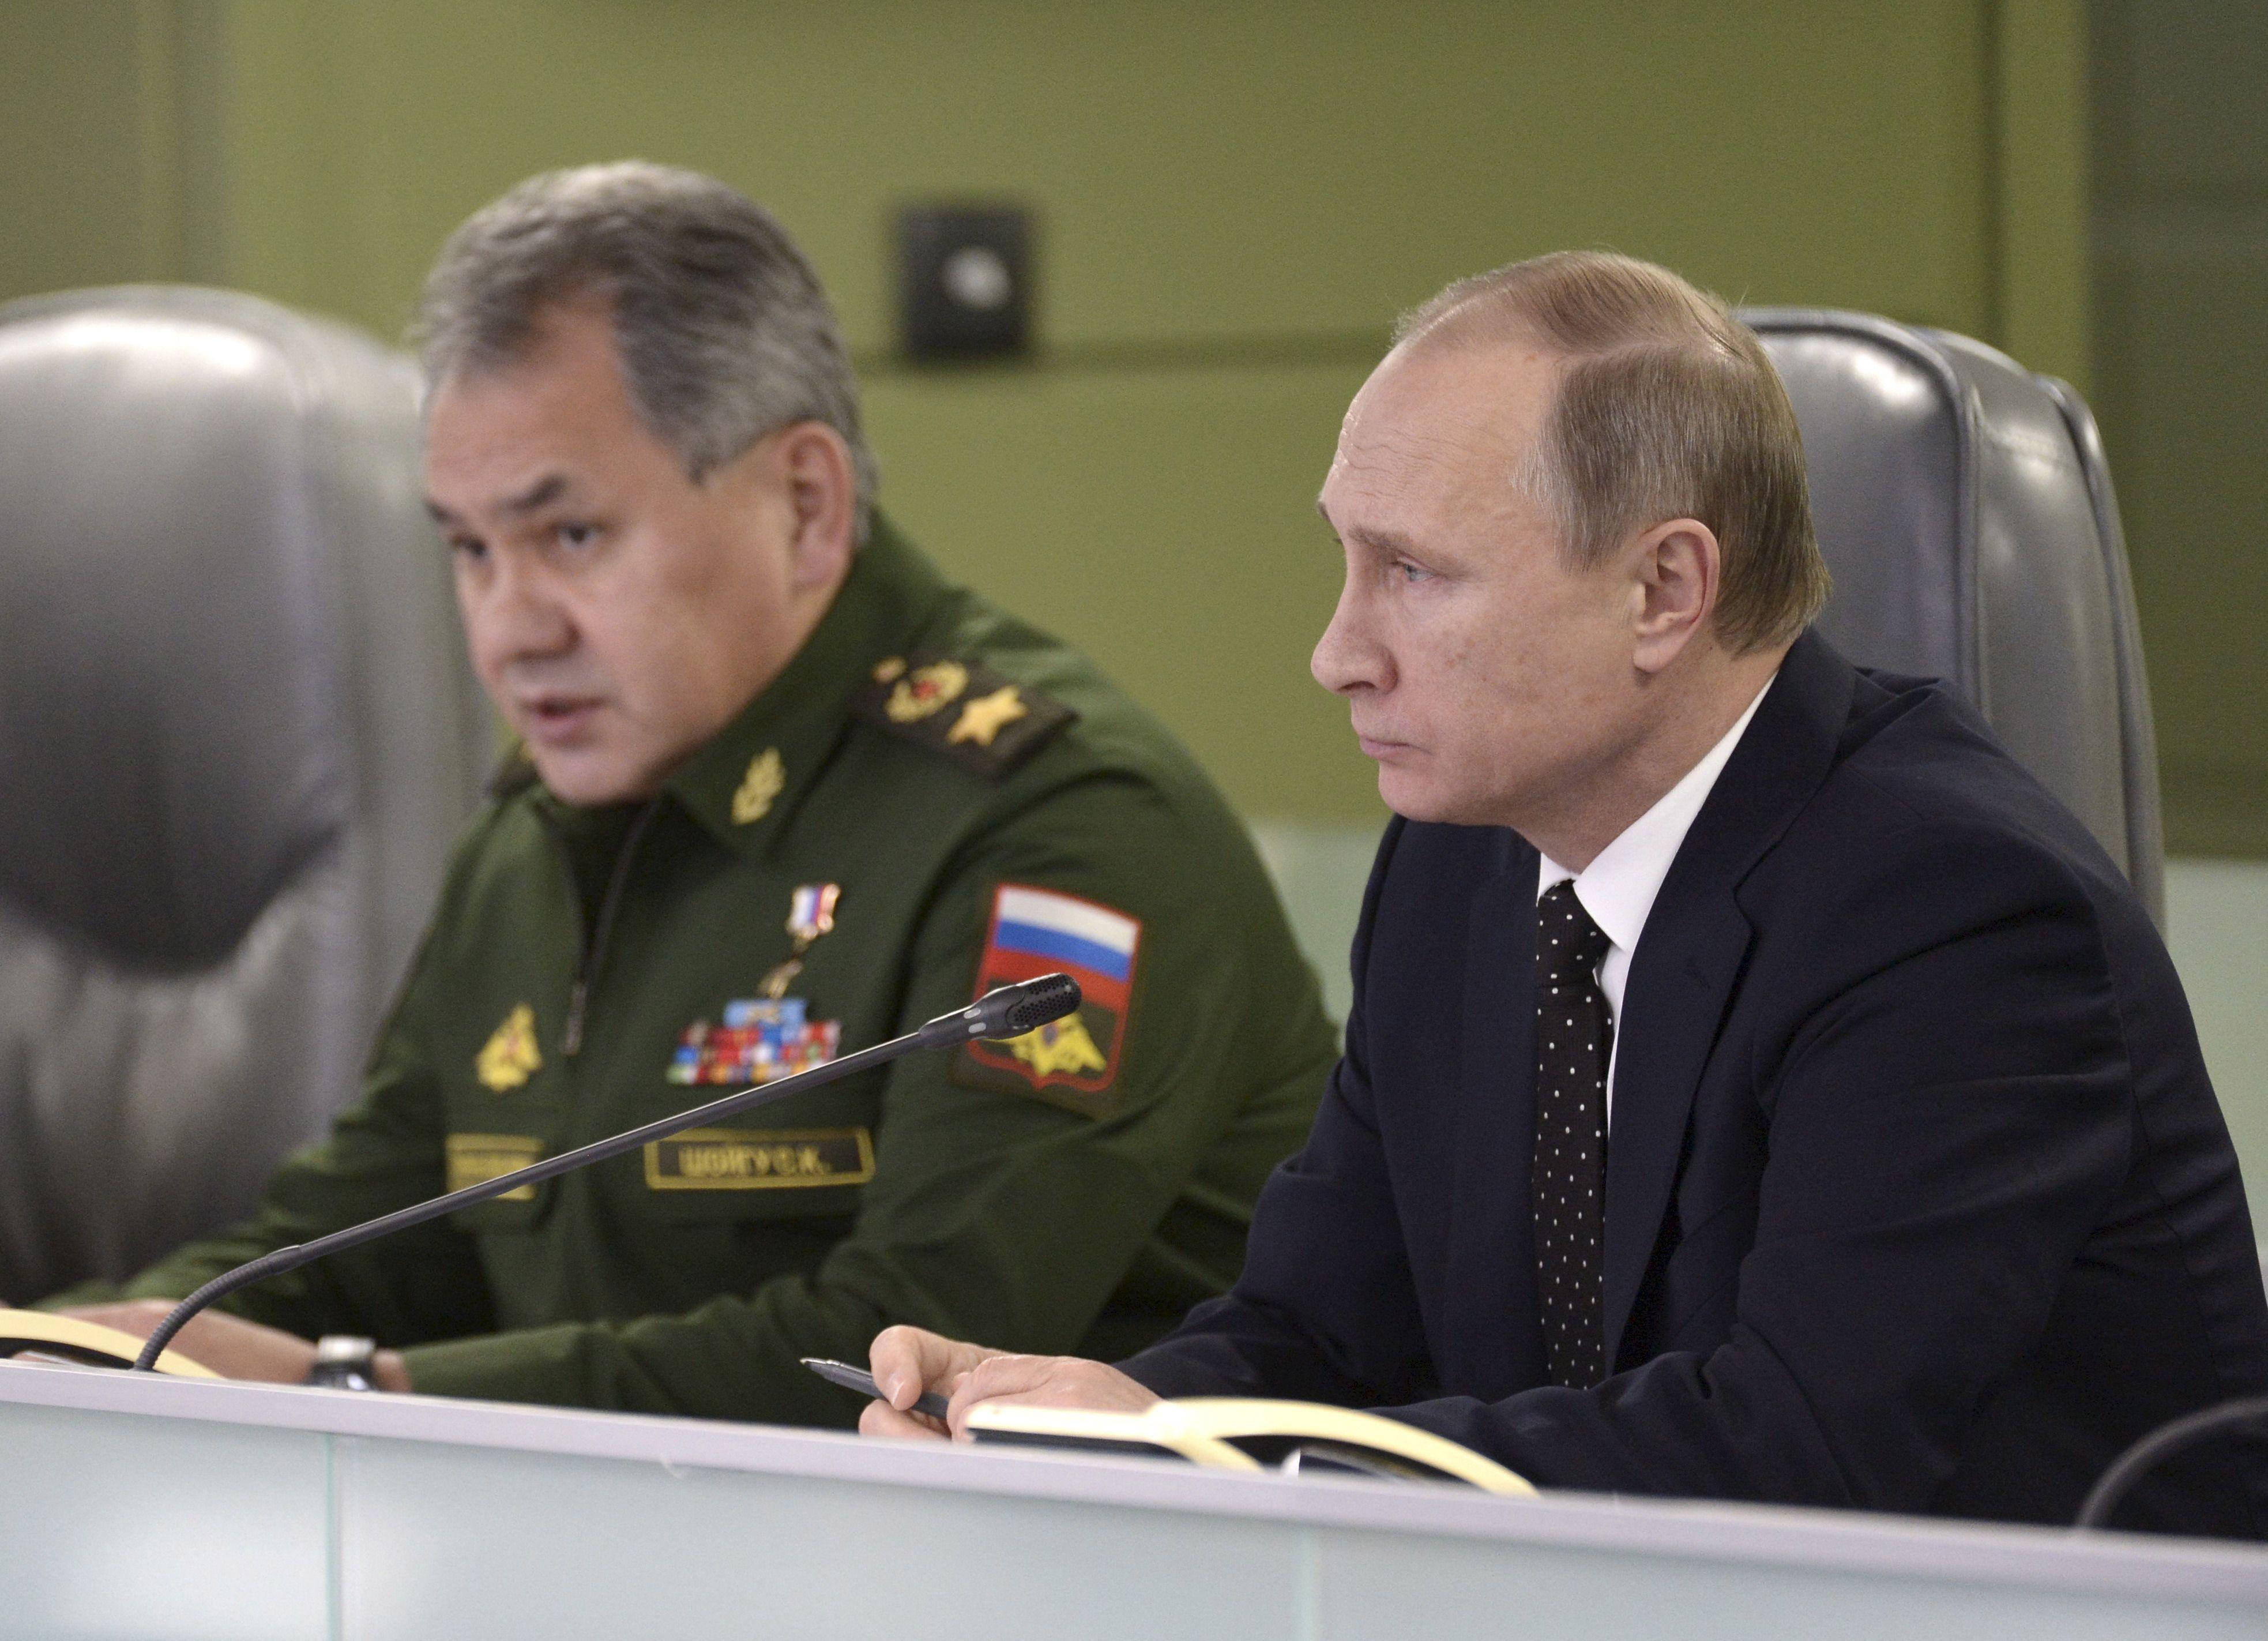 Syrie : La situation s'envenime avec l'intensification des efforts d'Assad et des russes